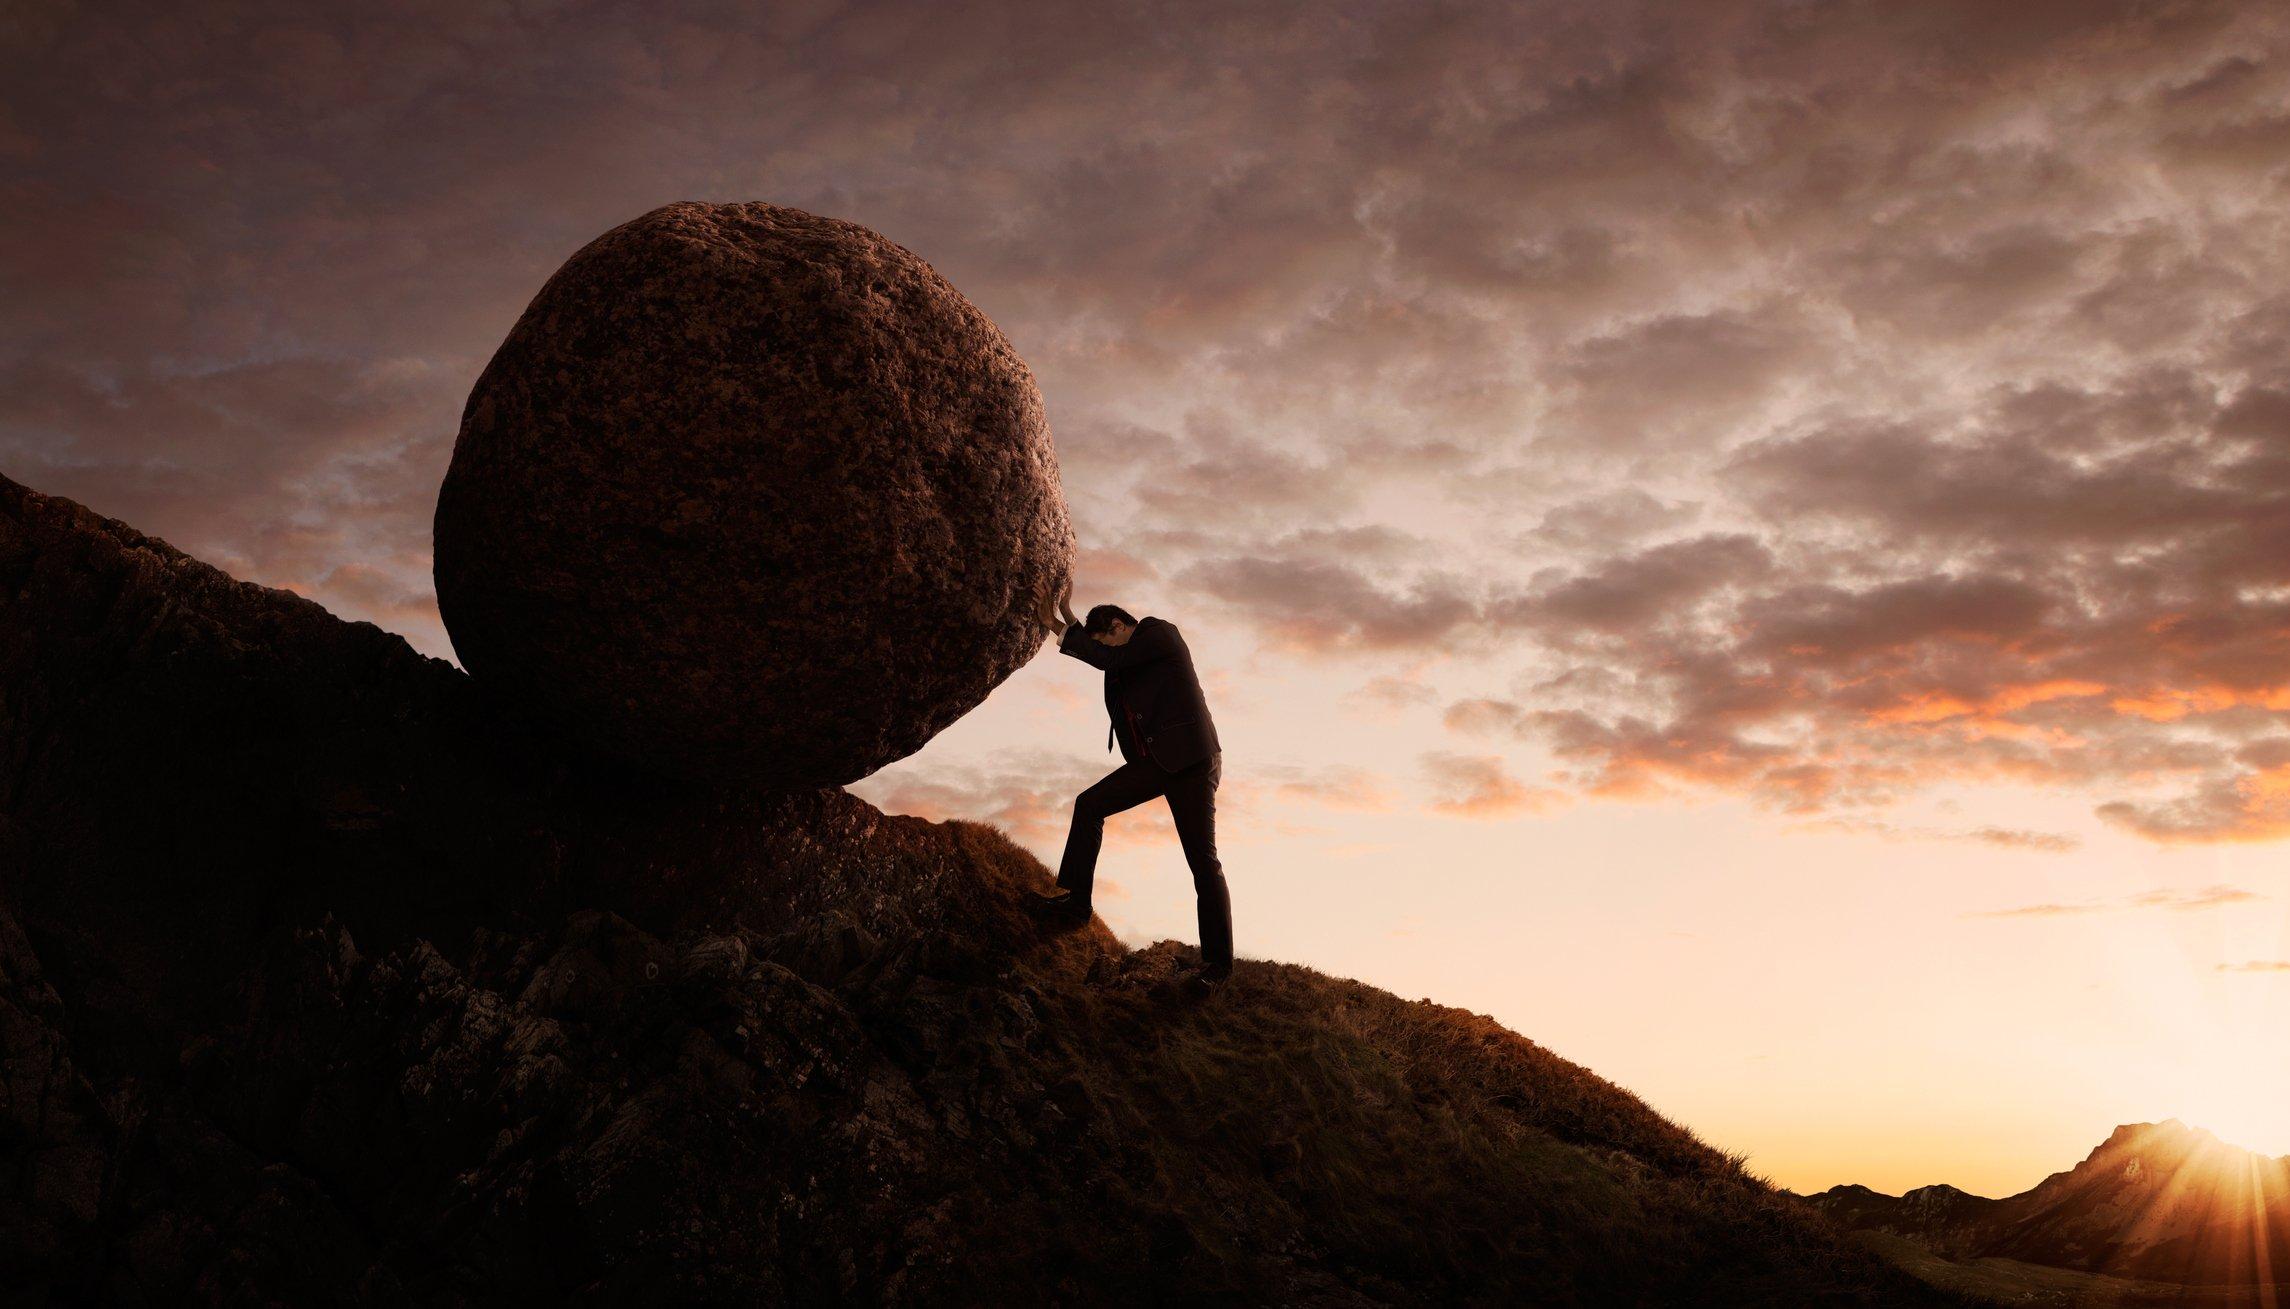 Un hombre empujando una piedra